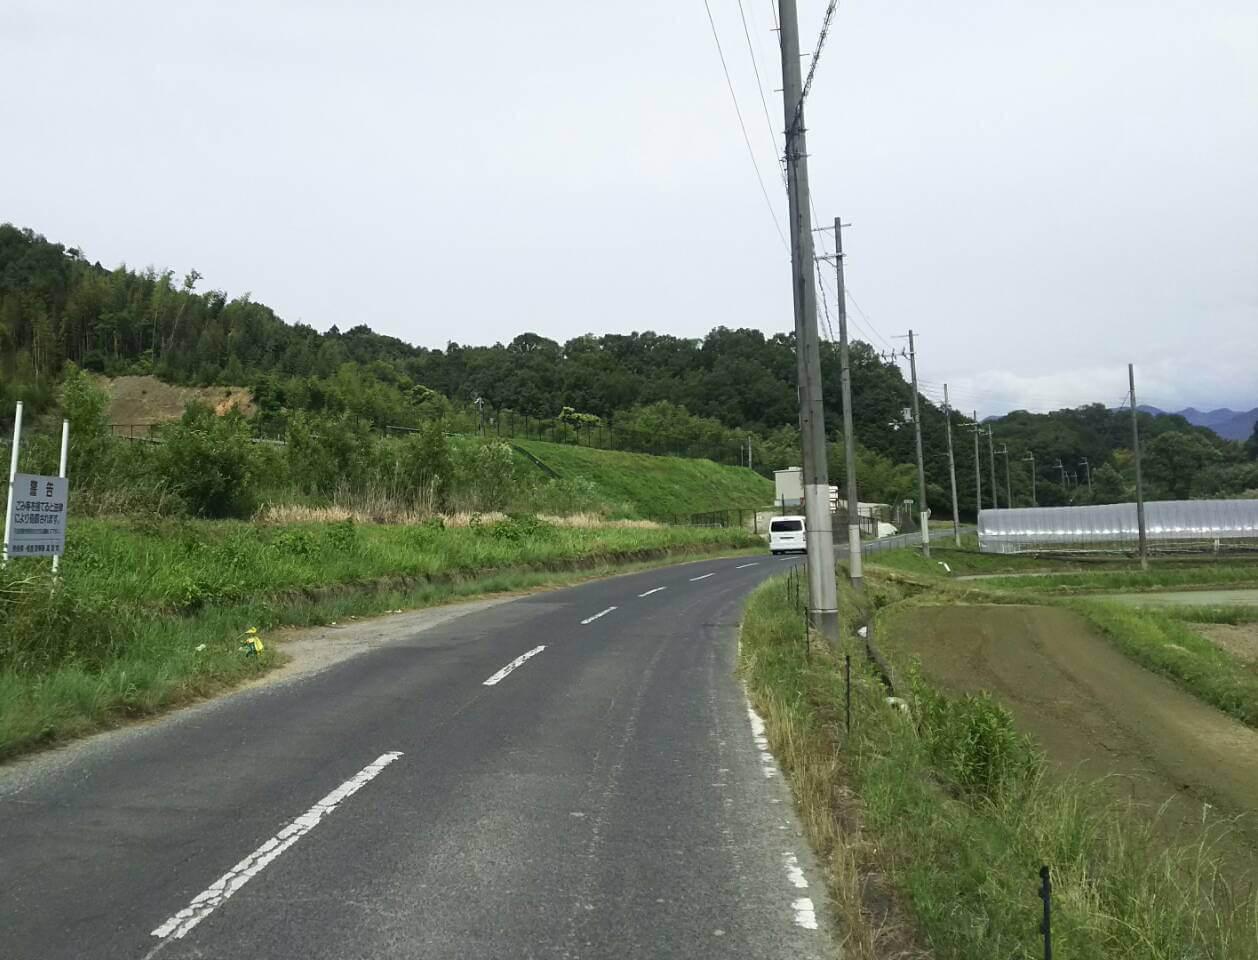 【21円】高圧491kw 2018年3月連系予定 奈良県高市 現地写真